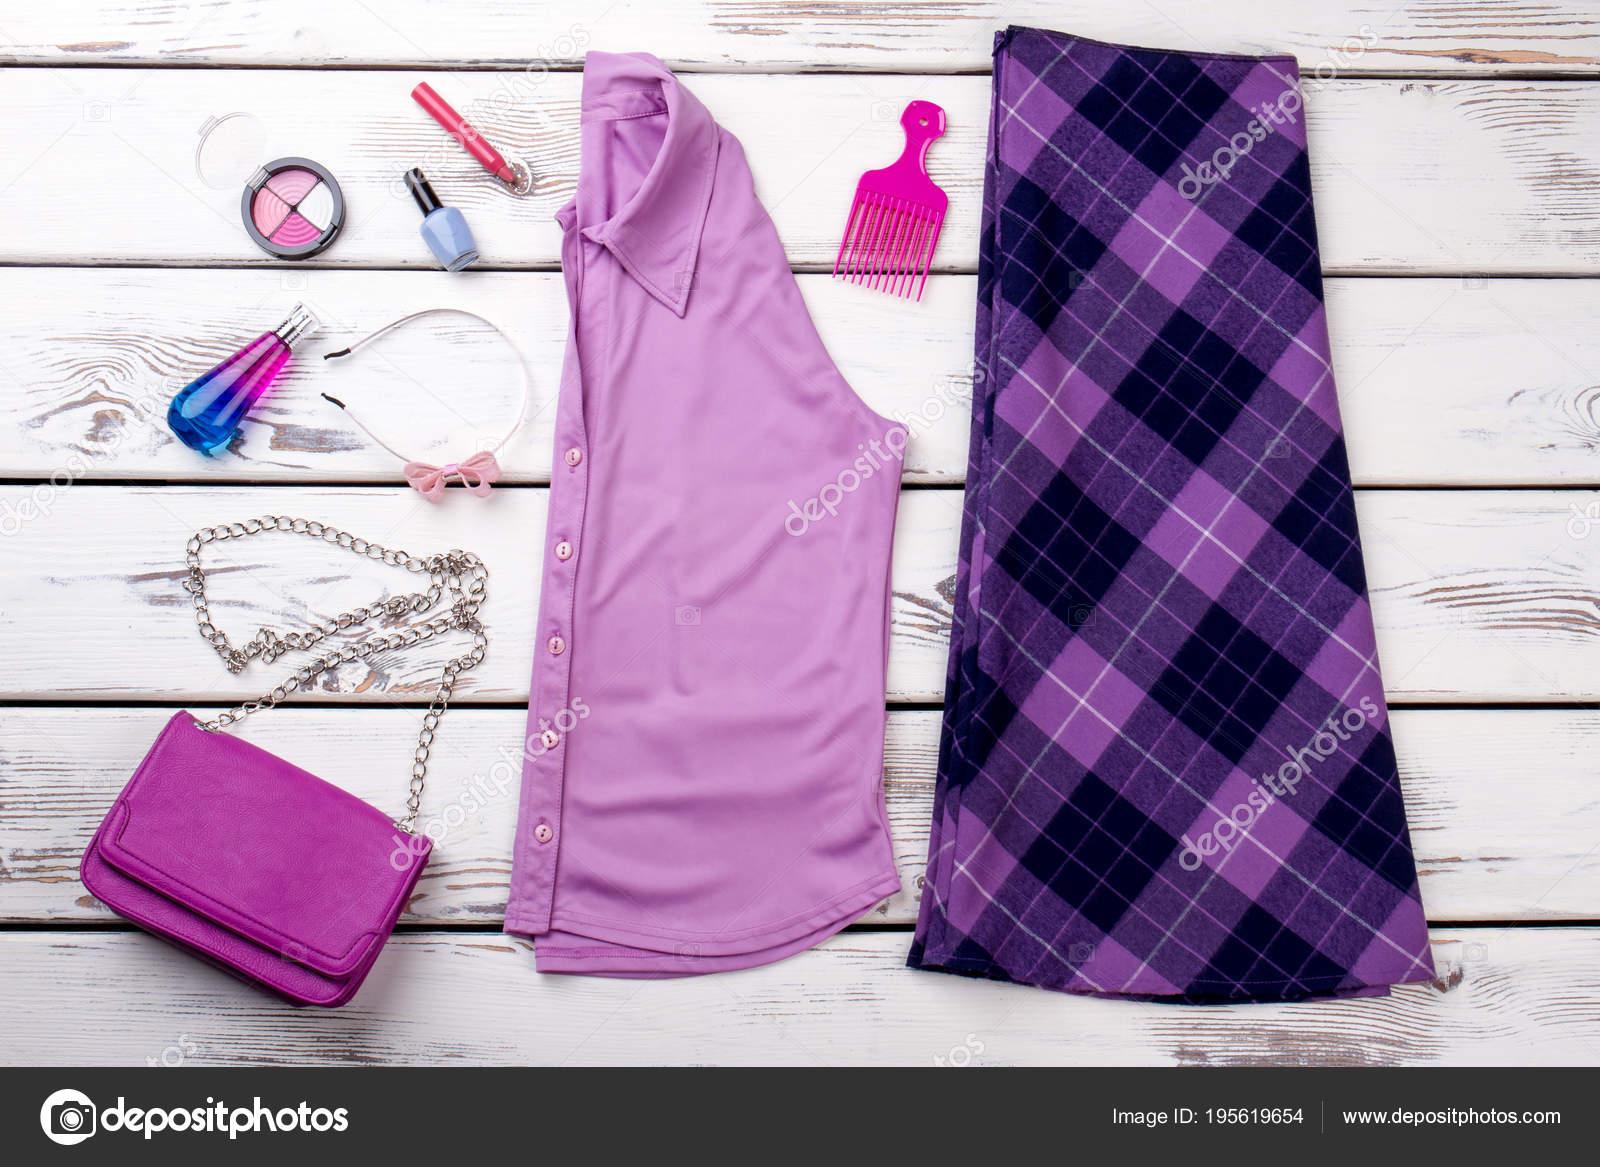 93afa6ffbcf1 Accesorios y ropa de mujer color morado — Fotos de Stock © Denisfilm ...